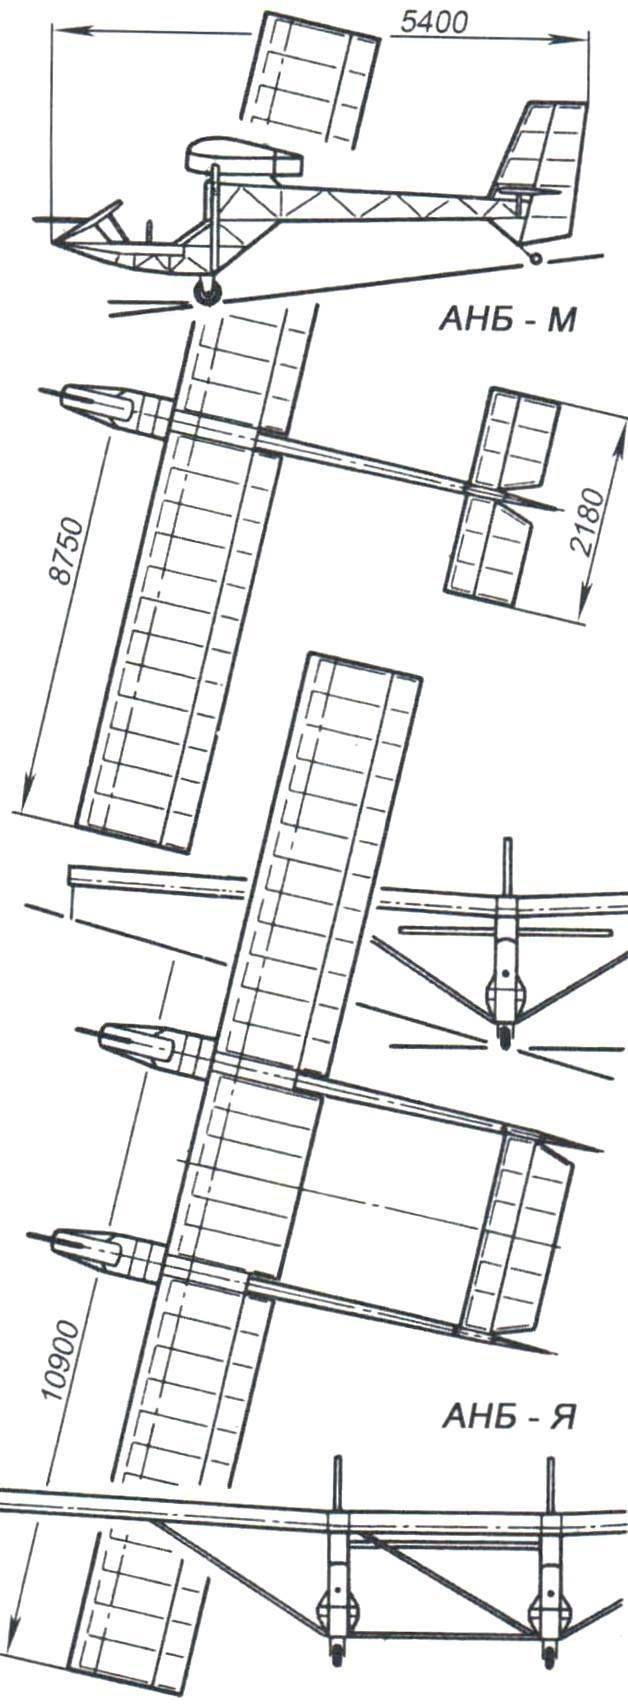 Учебные планёры конструкции П. Альмурзина